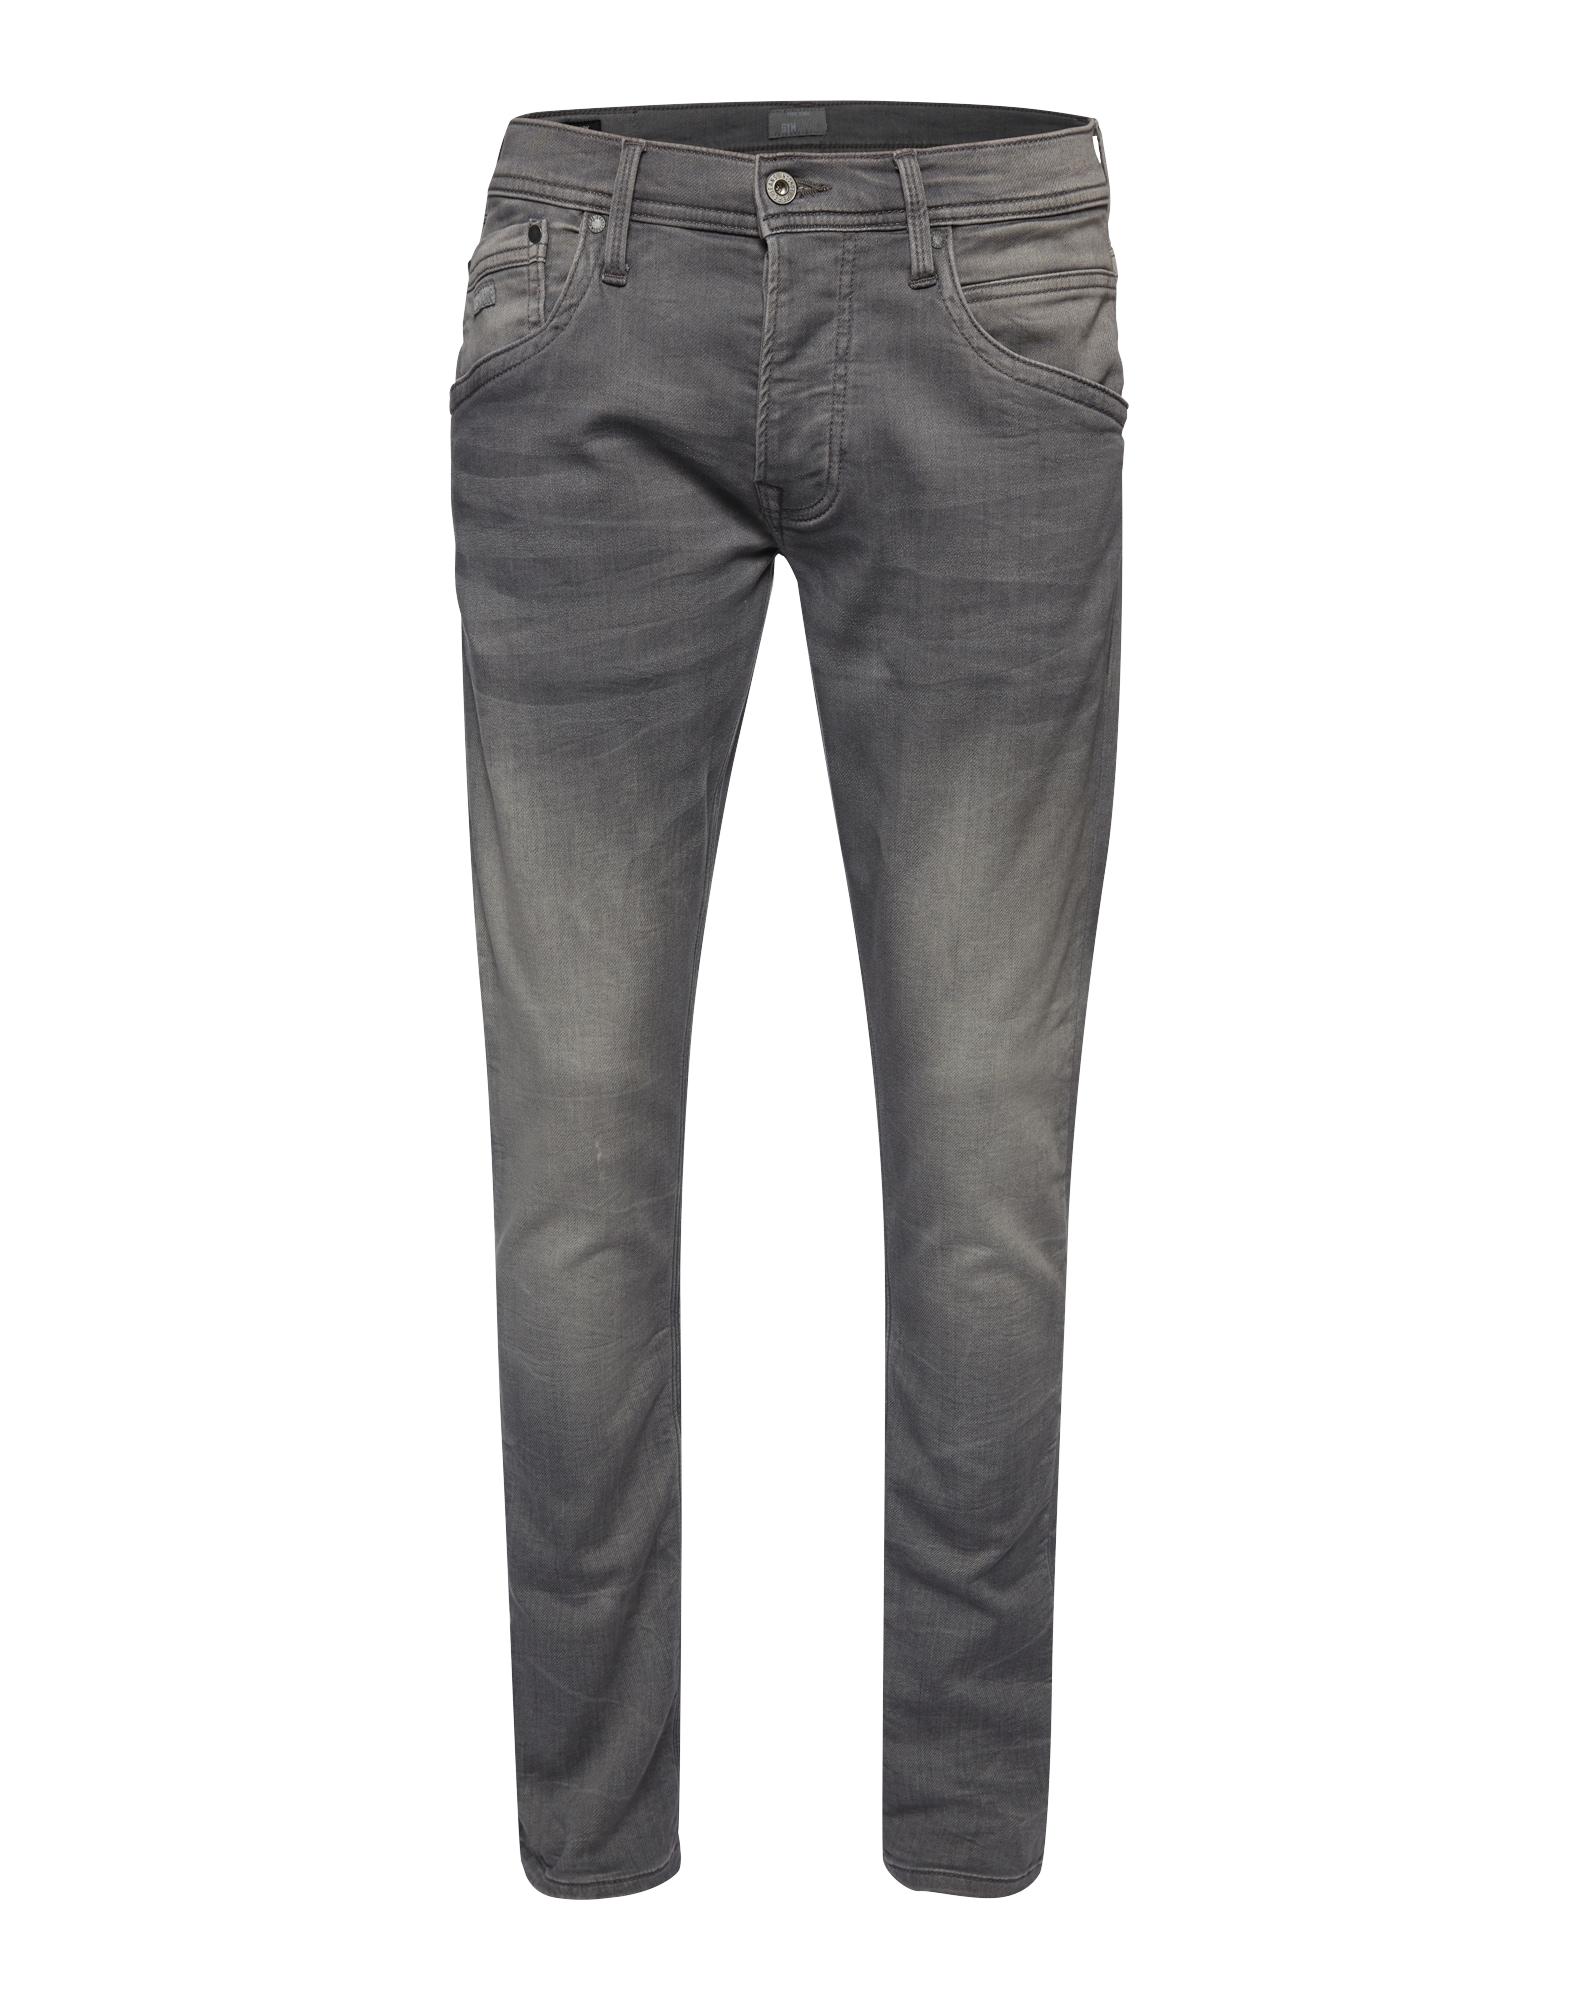 Pepe Jeans Džinsai 'Track' pilko džinso